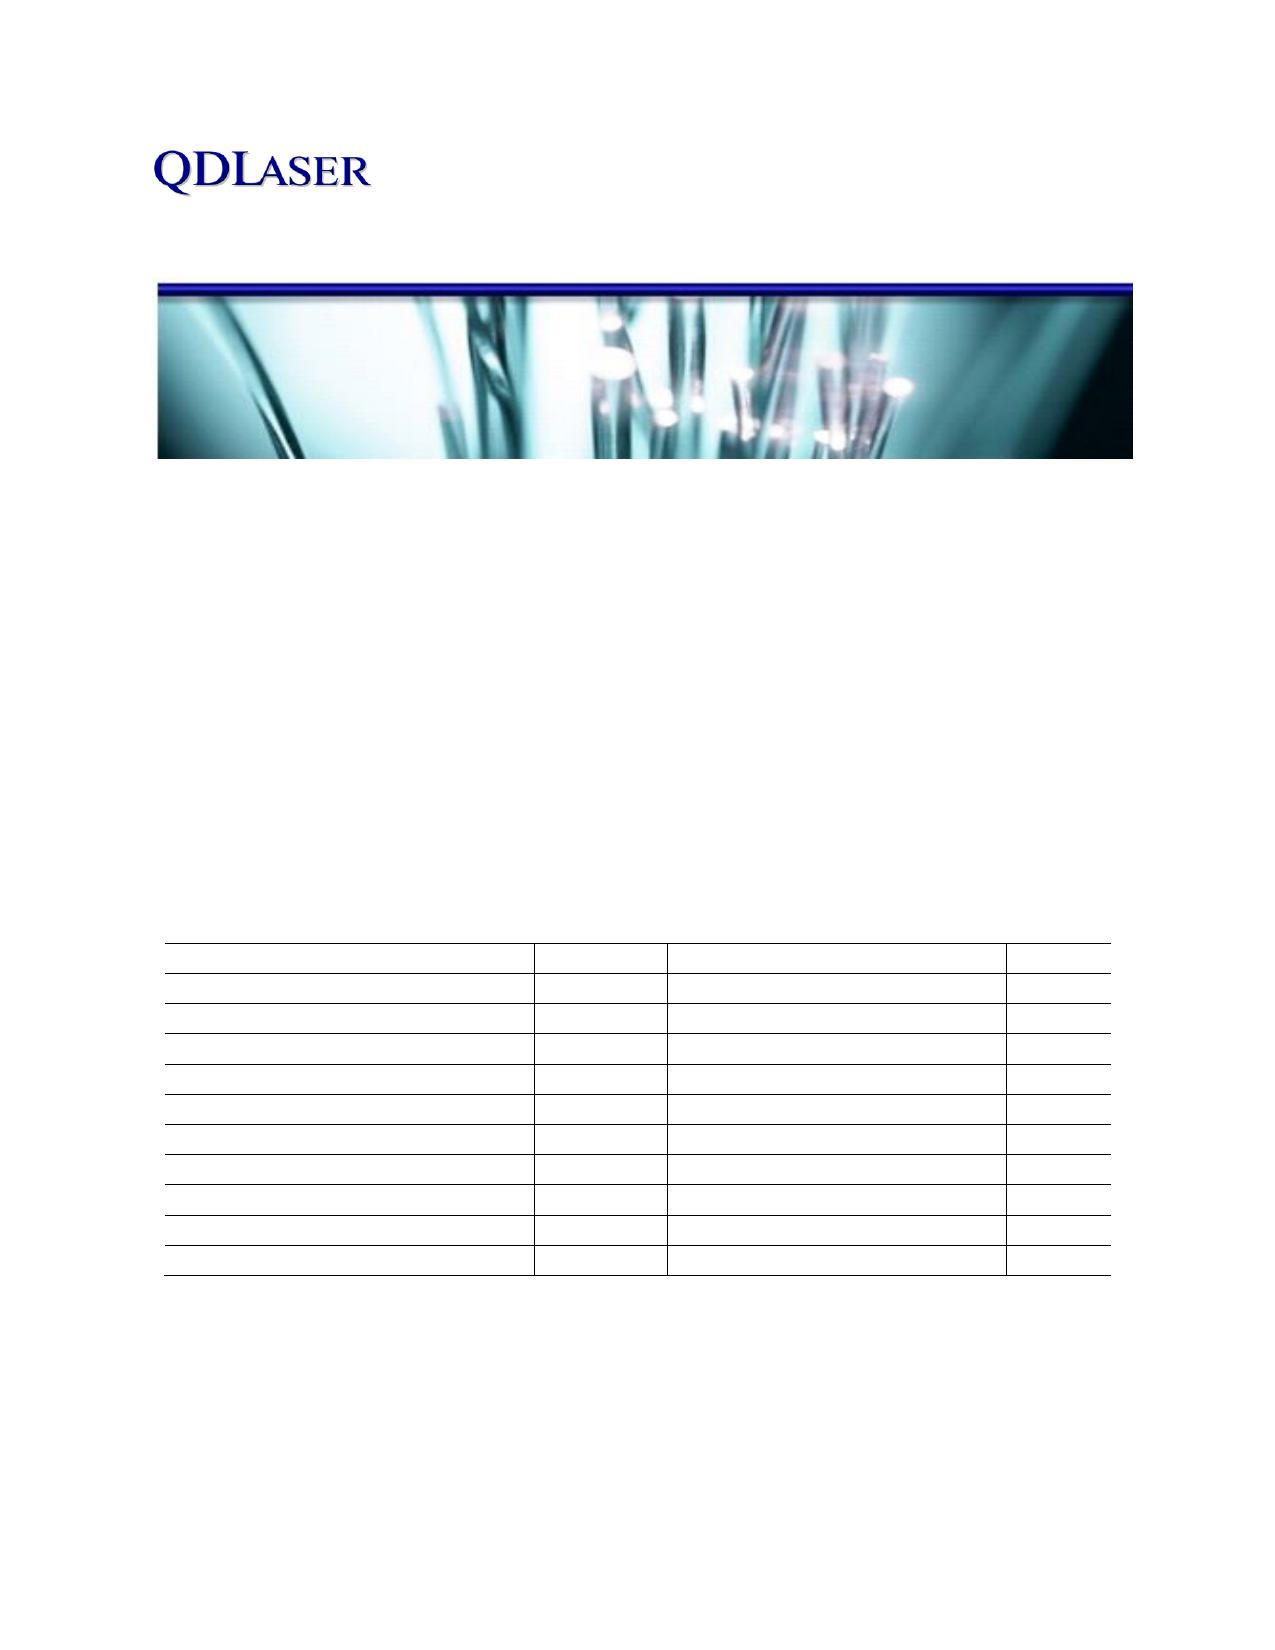 QLD106D-64D0 datasheet